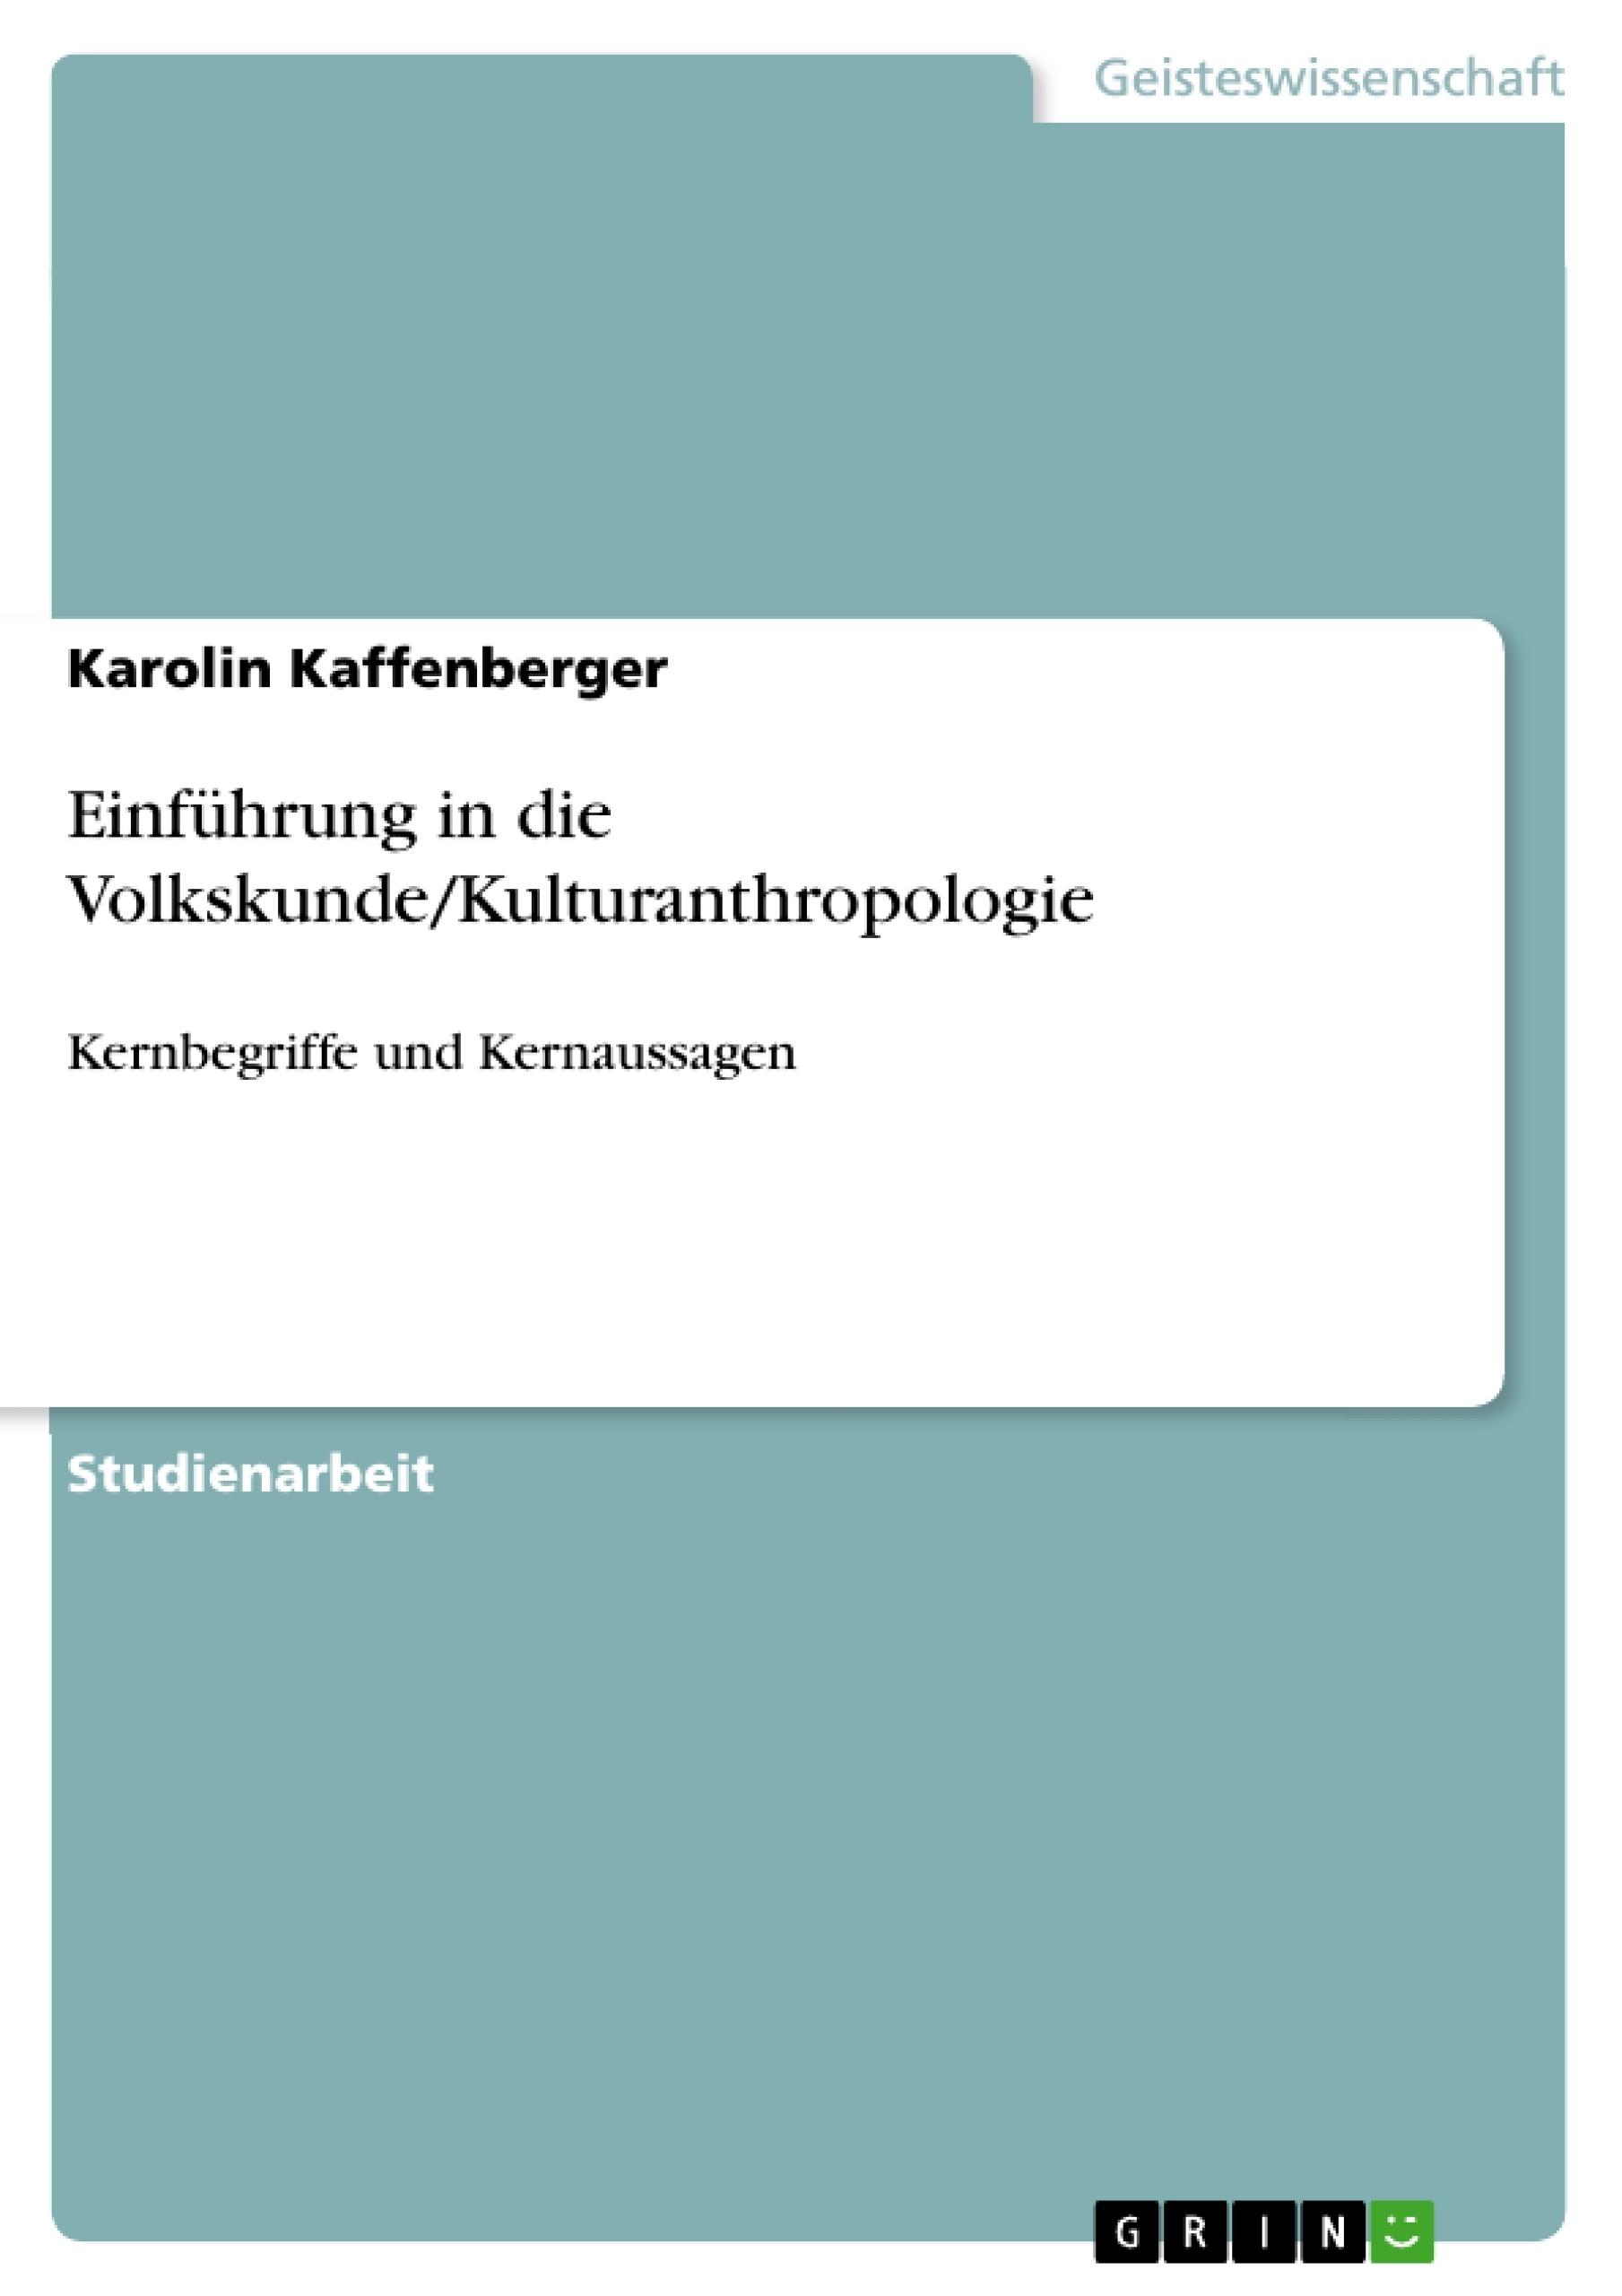 Titel: Einführung in die Volkskunde/Kulturanthropologie